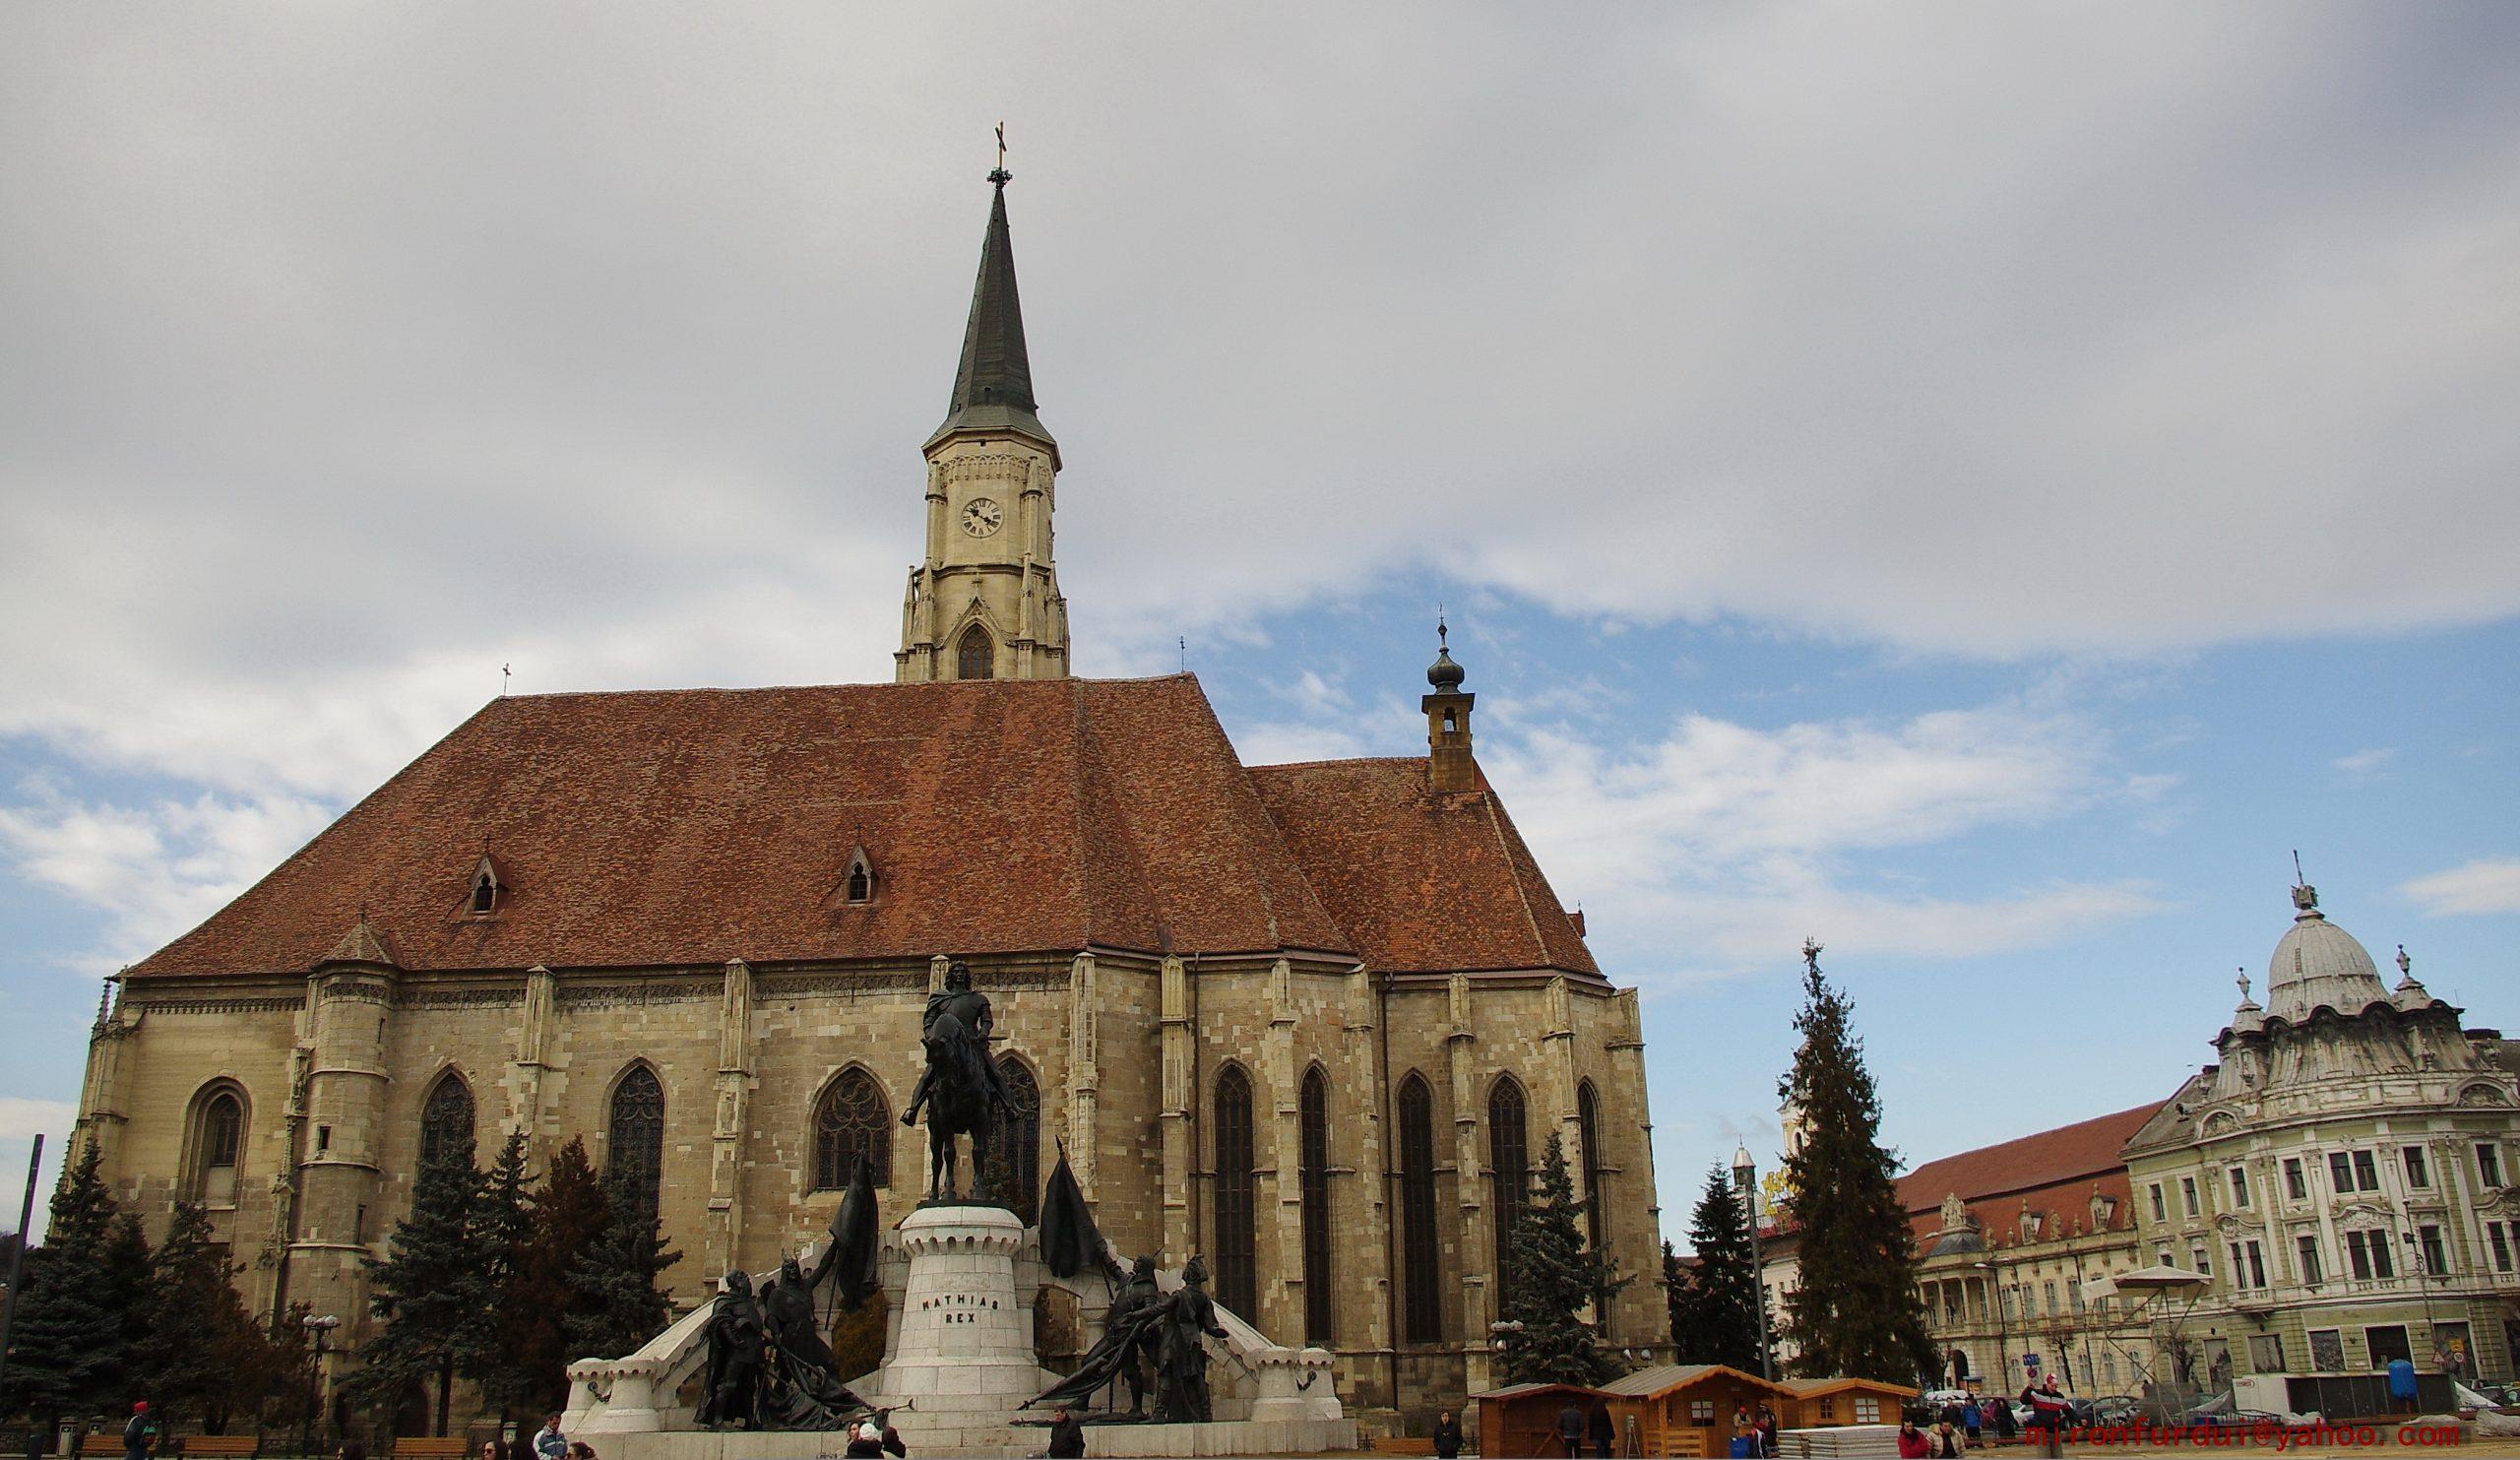 Avalansa de turisti in Cluj